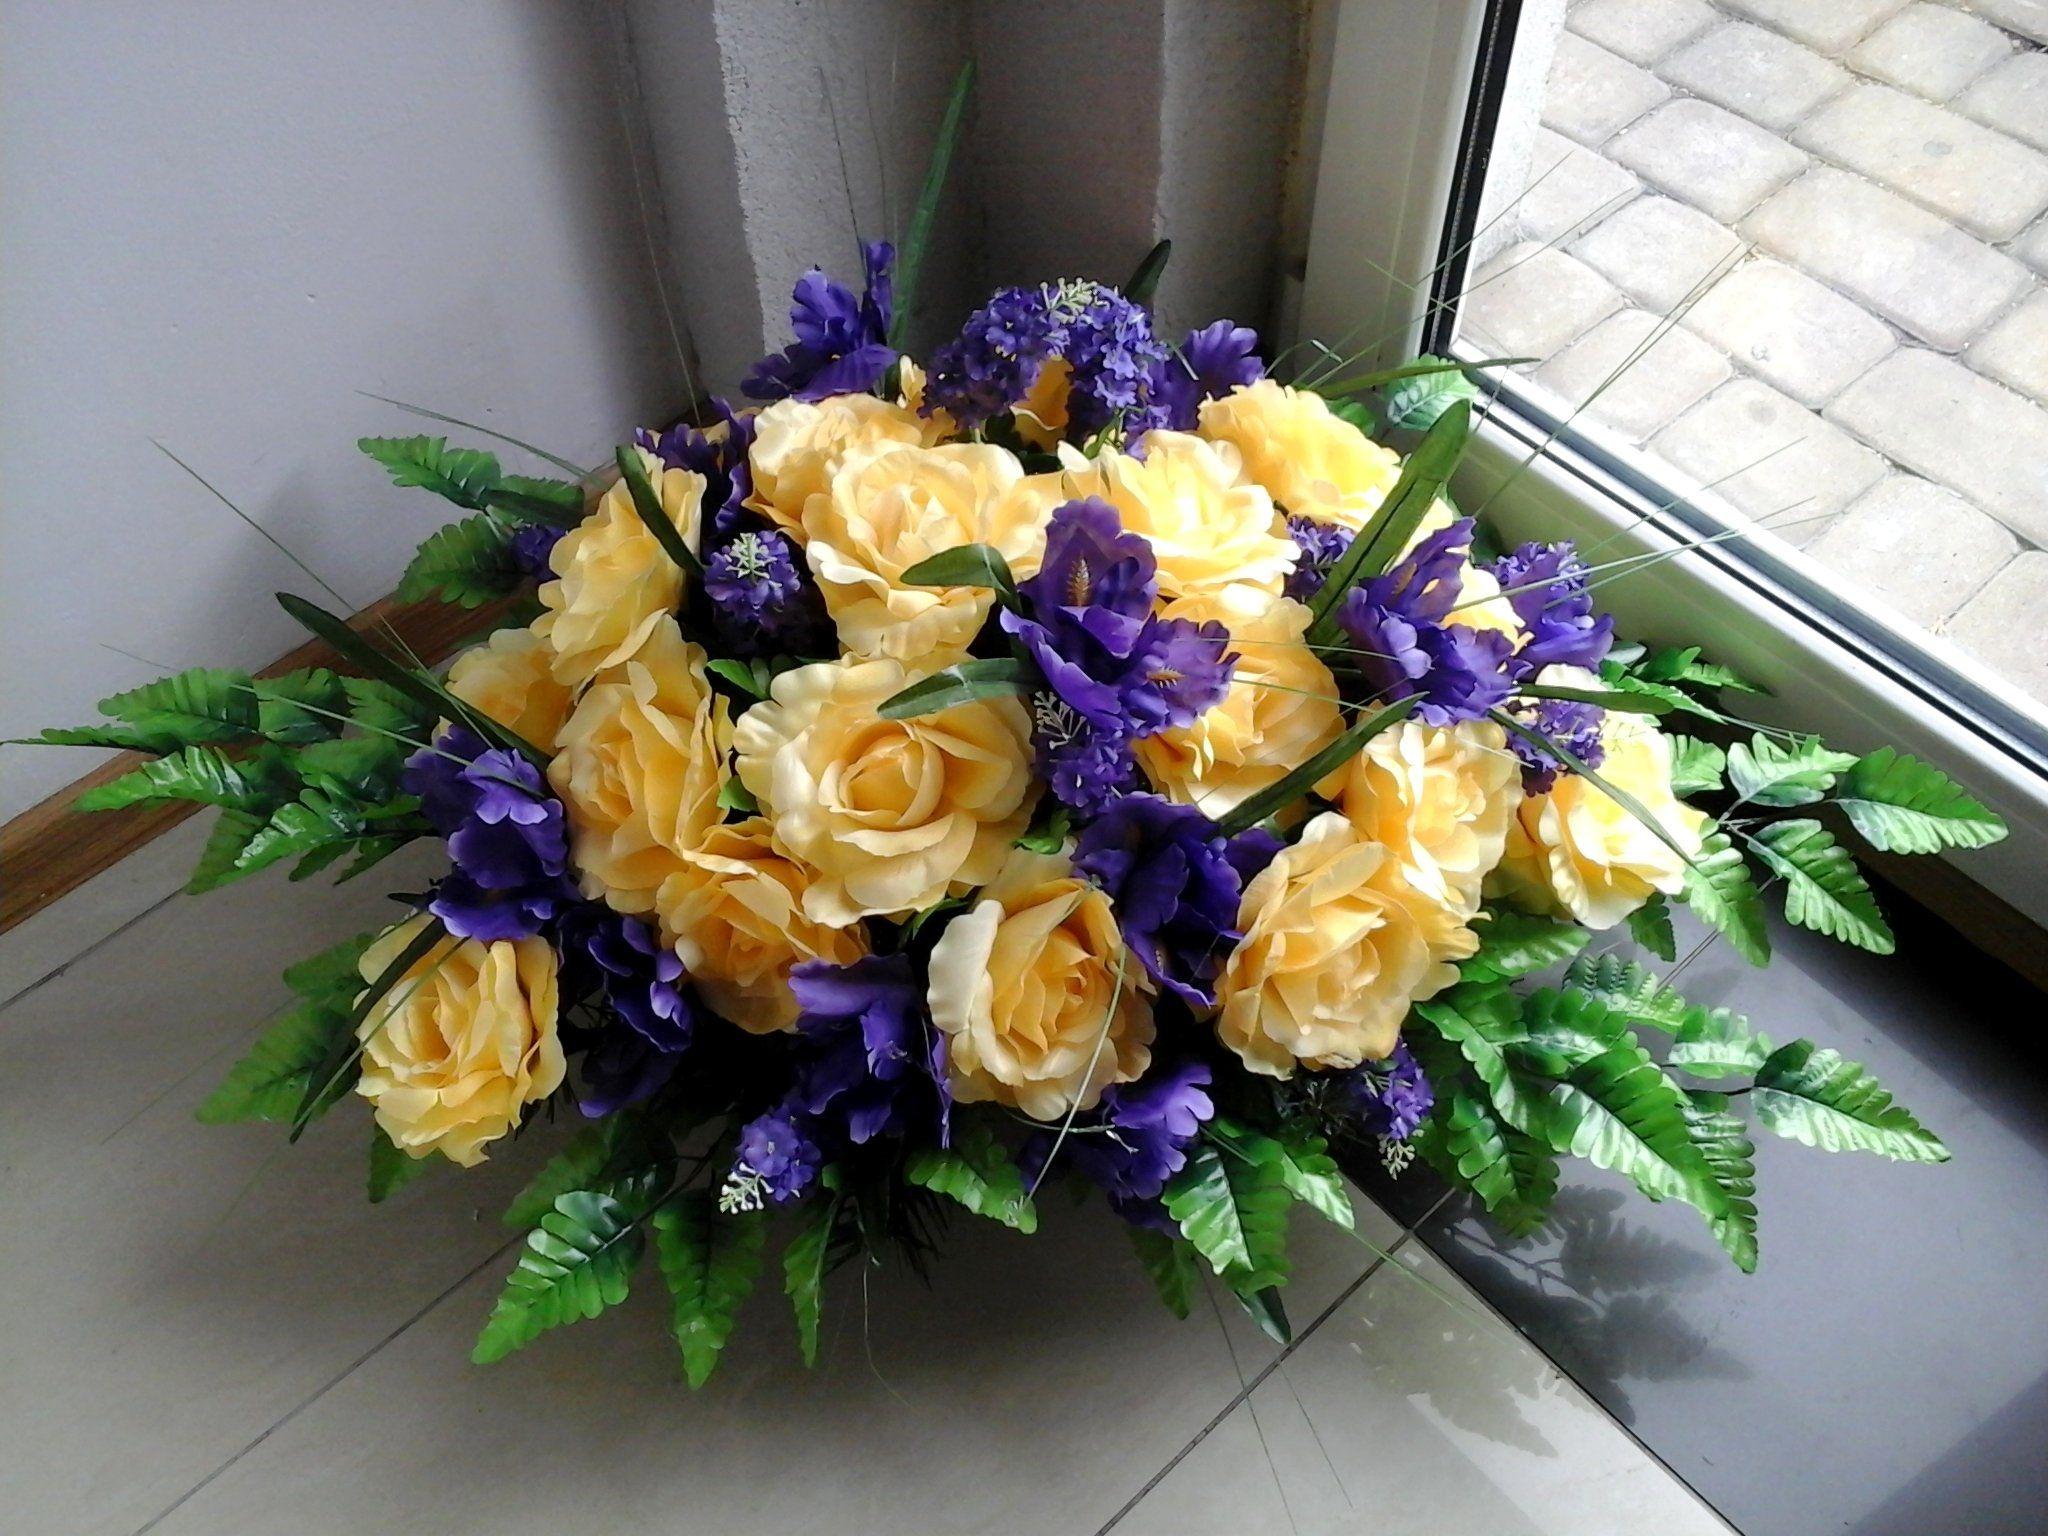 Sztuczne Kwiaty Na Grob Stroik Kompozycja Duza Floral Wreath Wreaths Floral